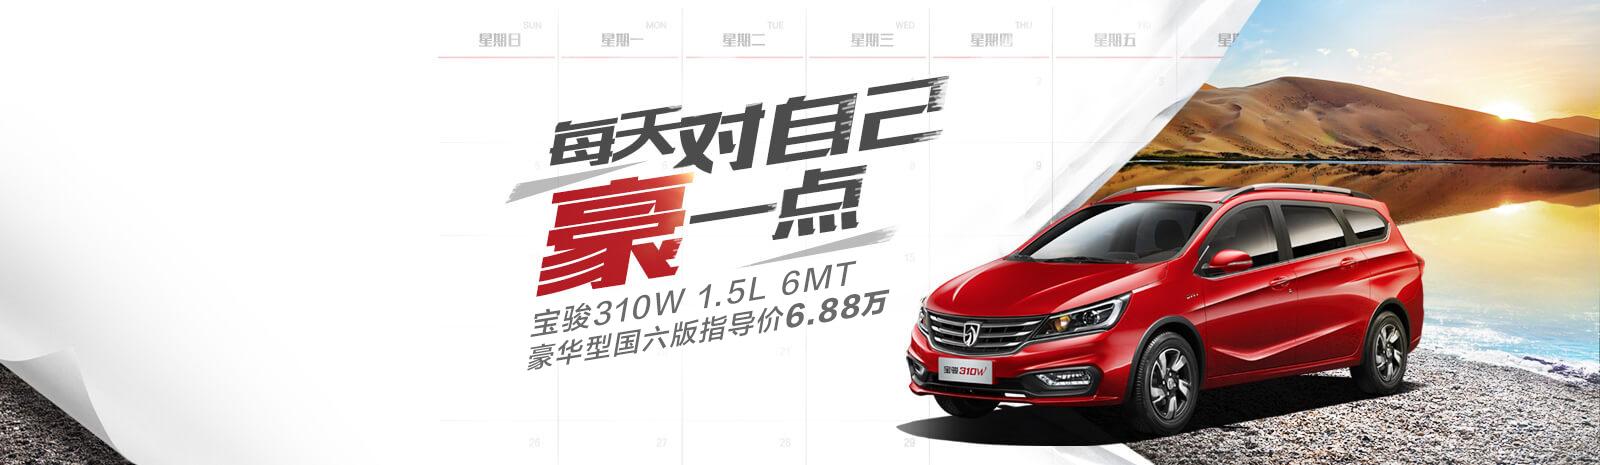 寶駿310W價(jia)格與配置(zhi),寶駿310W分期